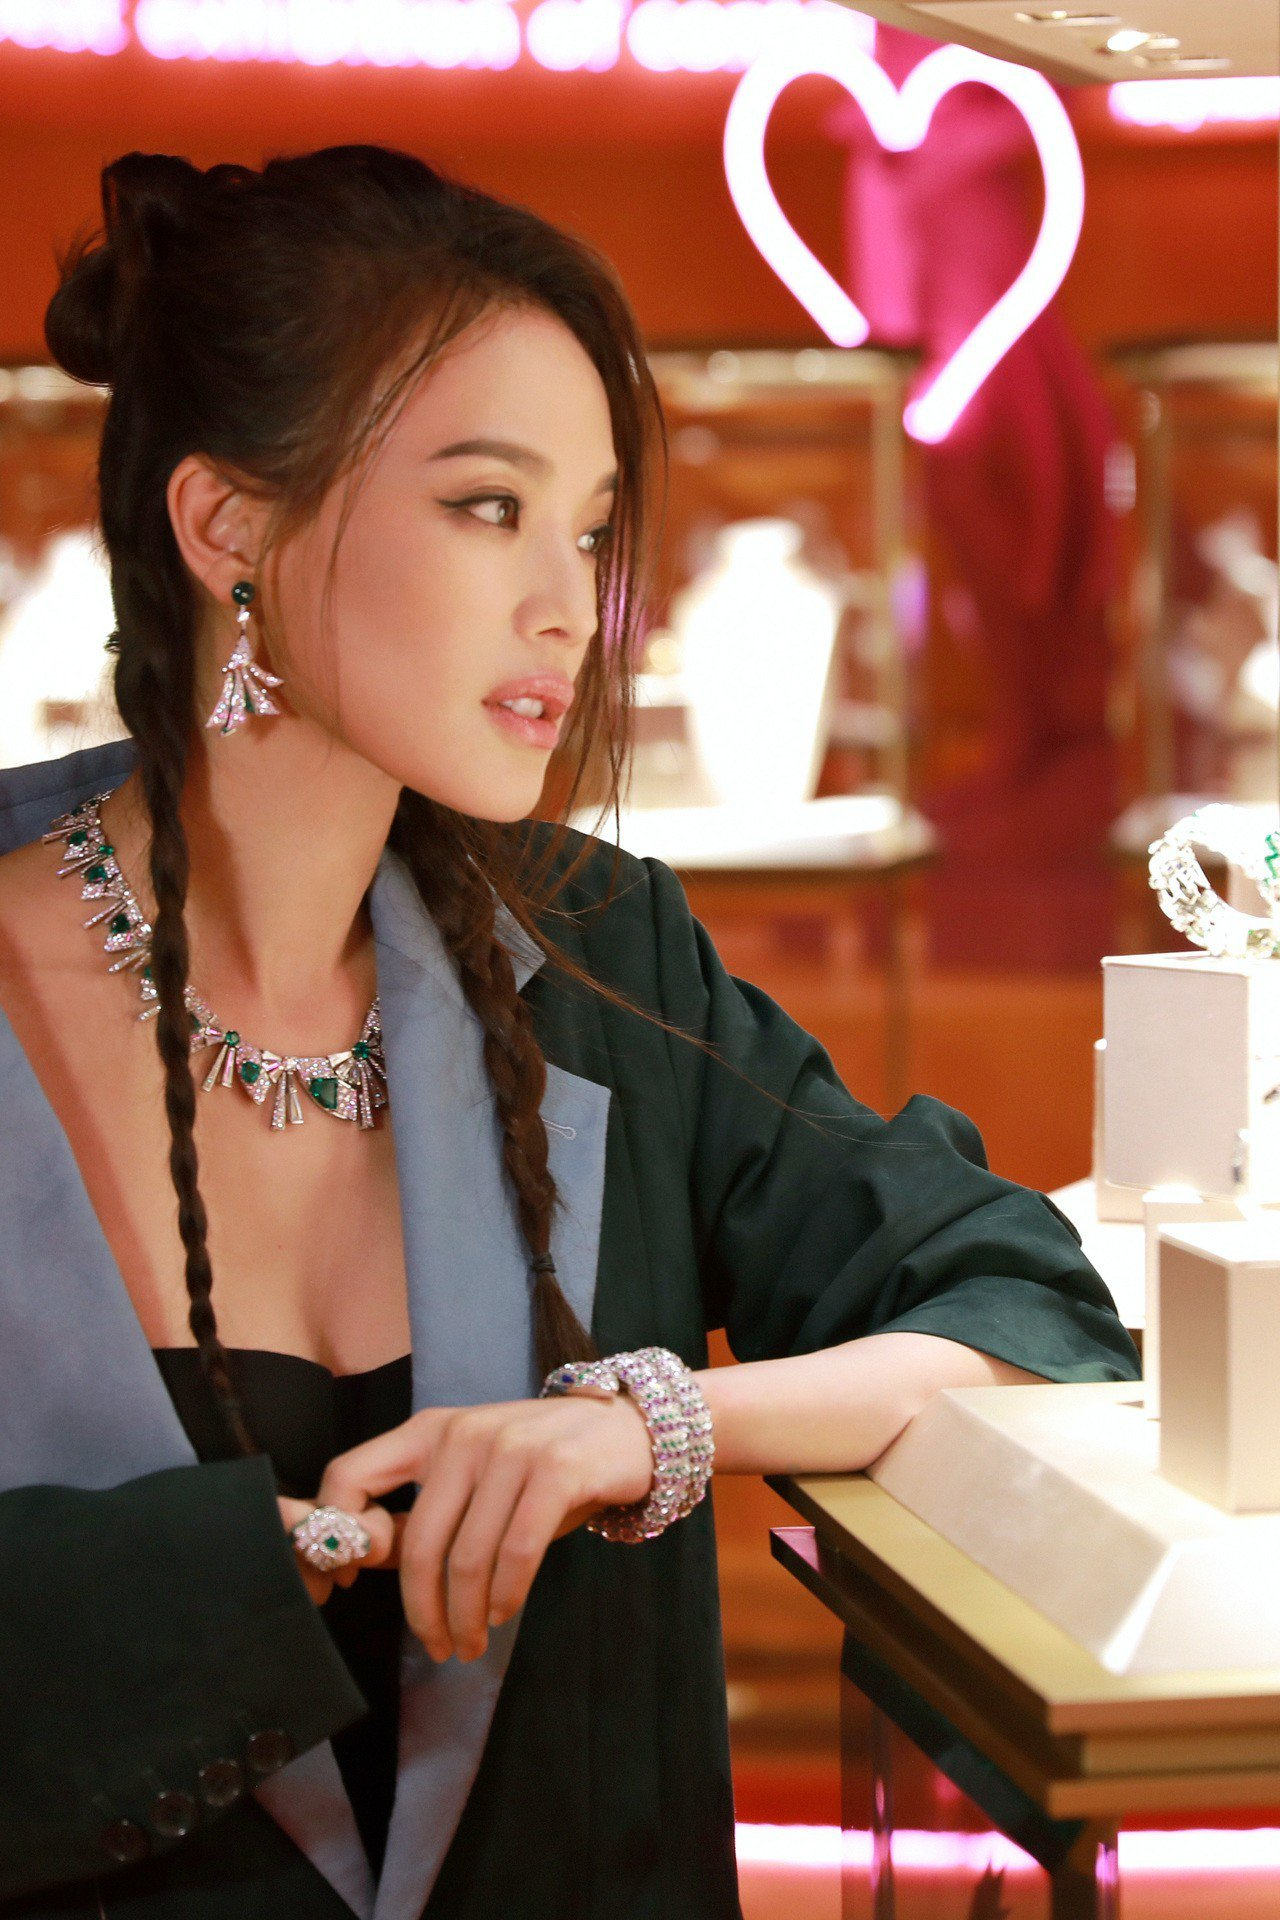 舒淇現身北京寶格麗酒店,搶先預覽以80年代為設計主題的WILD POP頂級珠寶系...